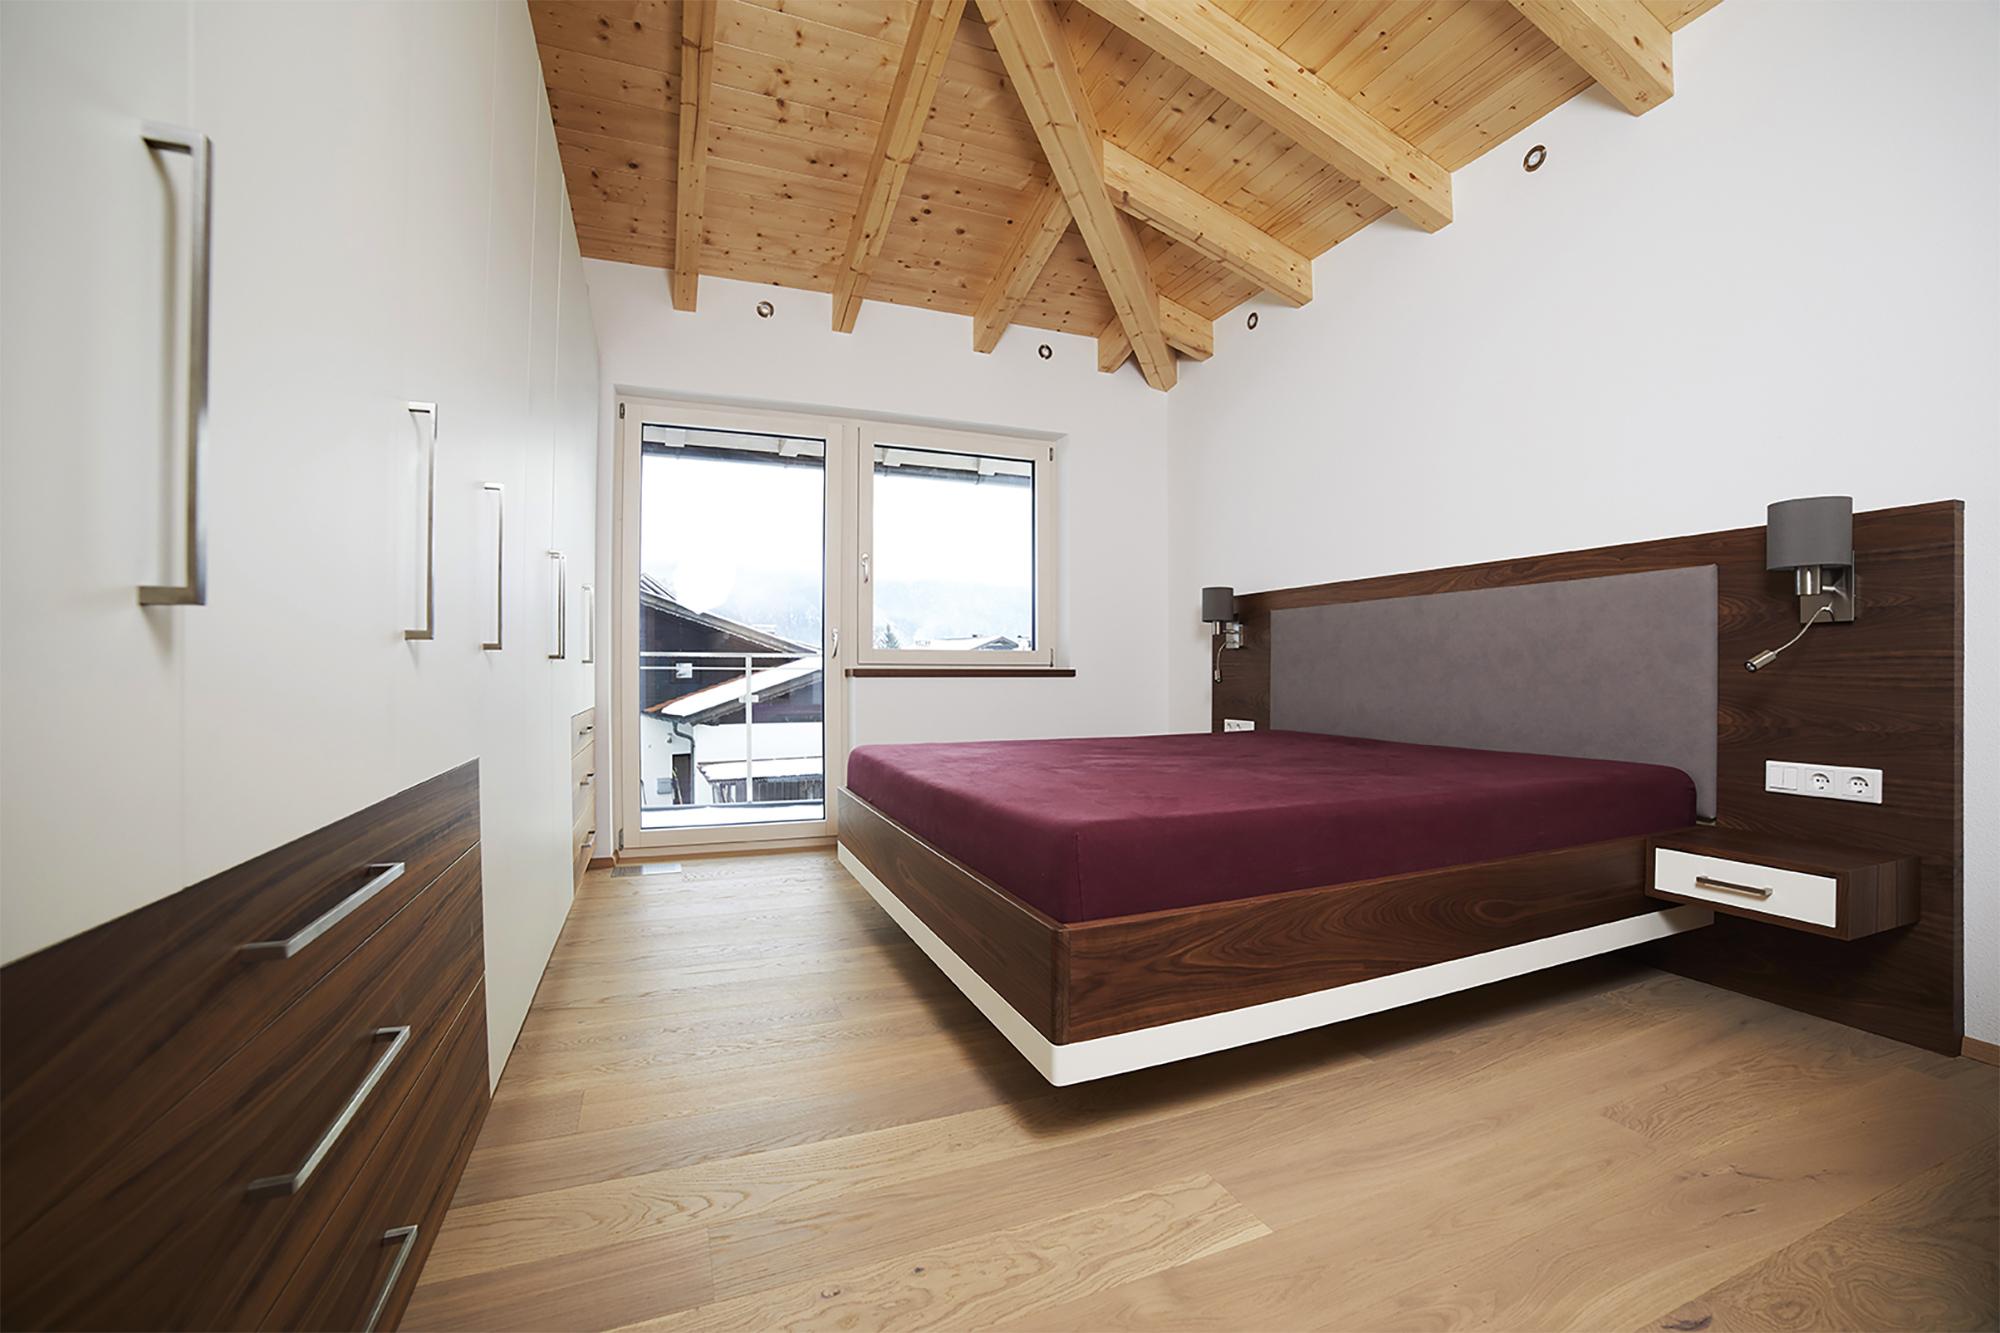 Tischlerei Stöckl Ebbs Kompletteinrichtung Einfamilienhaus Schränke Schlafzimmer